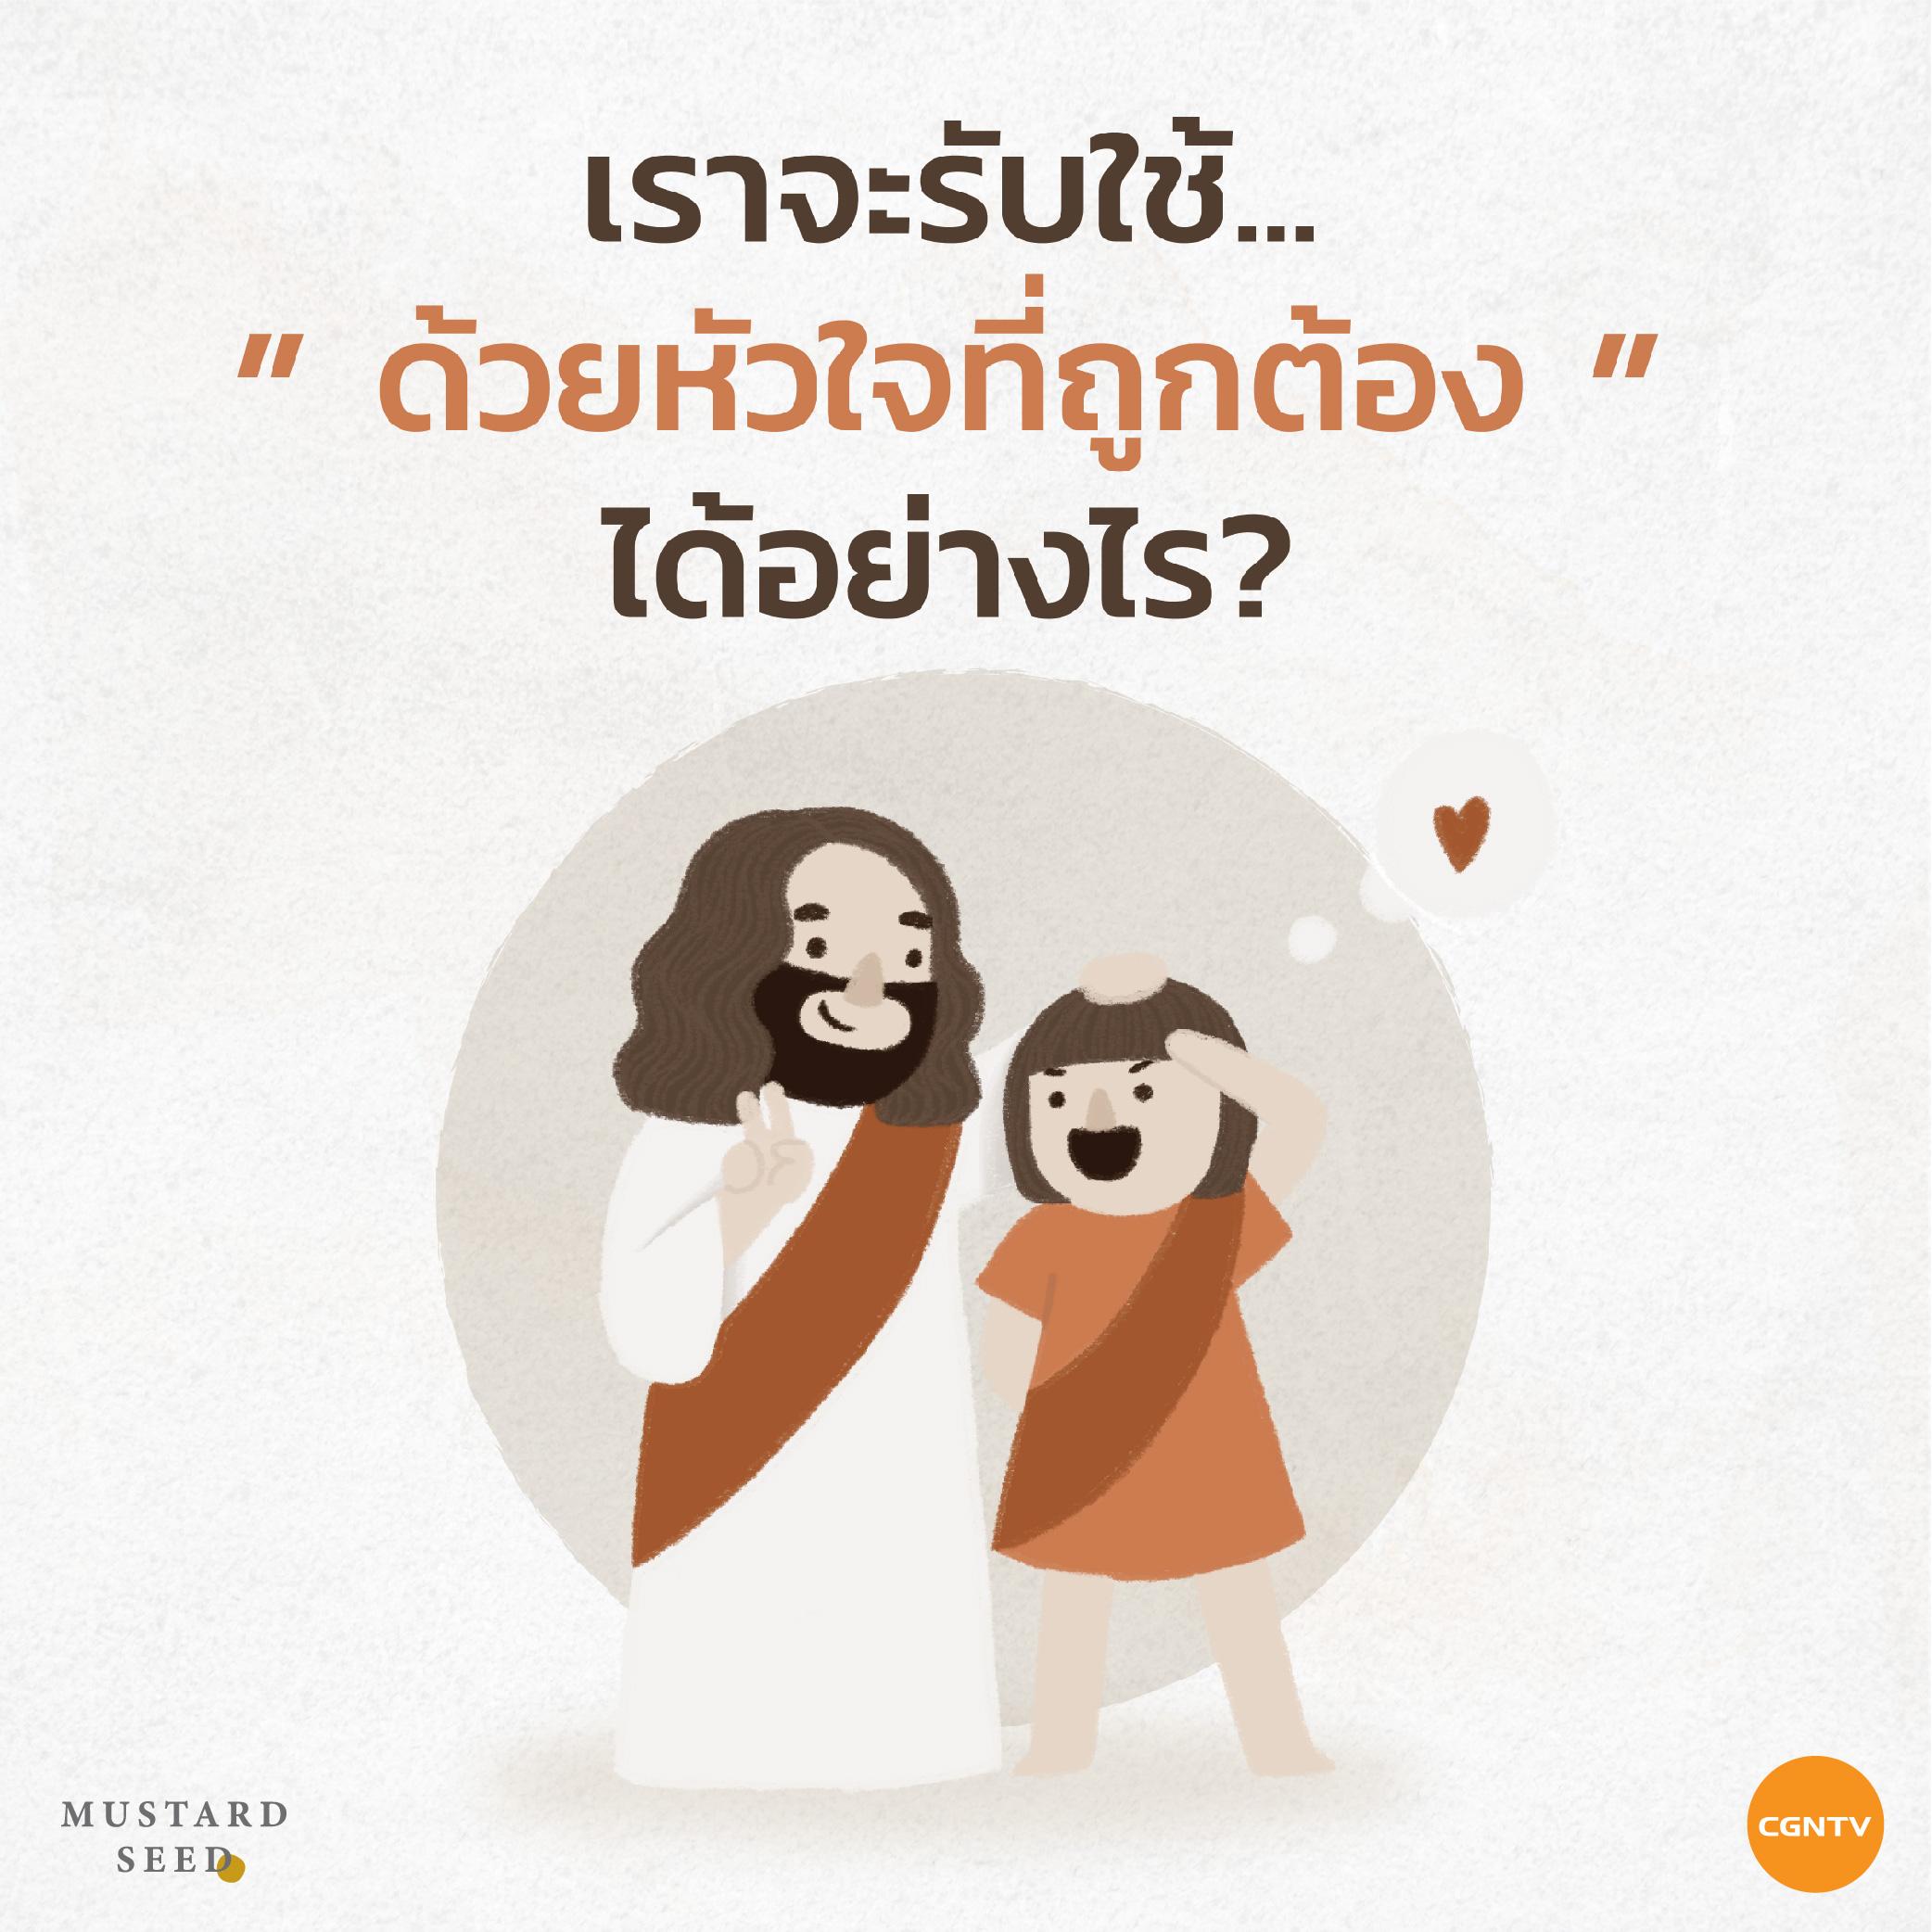 เราจะรับใช้พระเจ้าด้วยหัวใจที่ถูกต้องได้อย่างไร